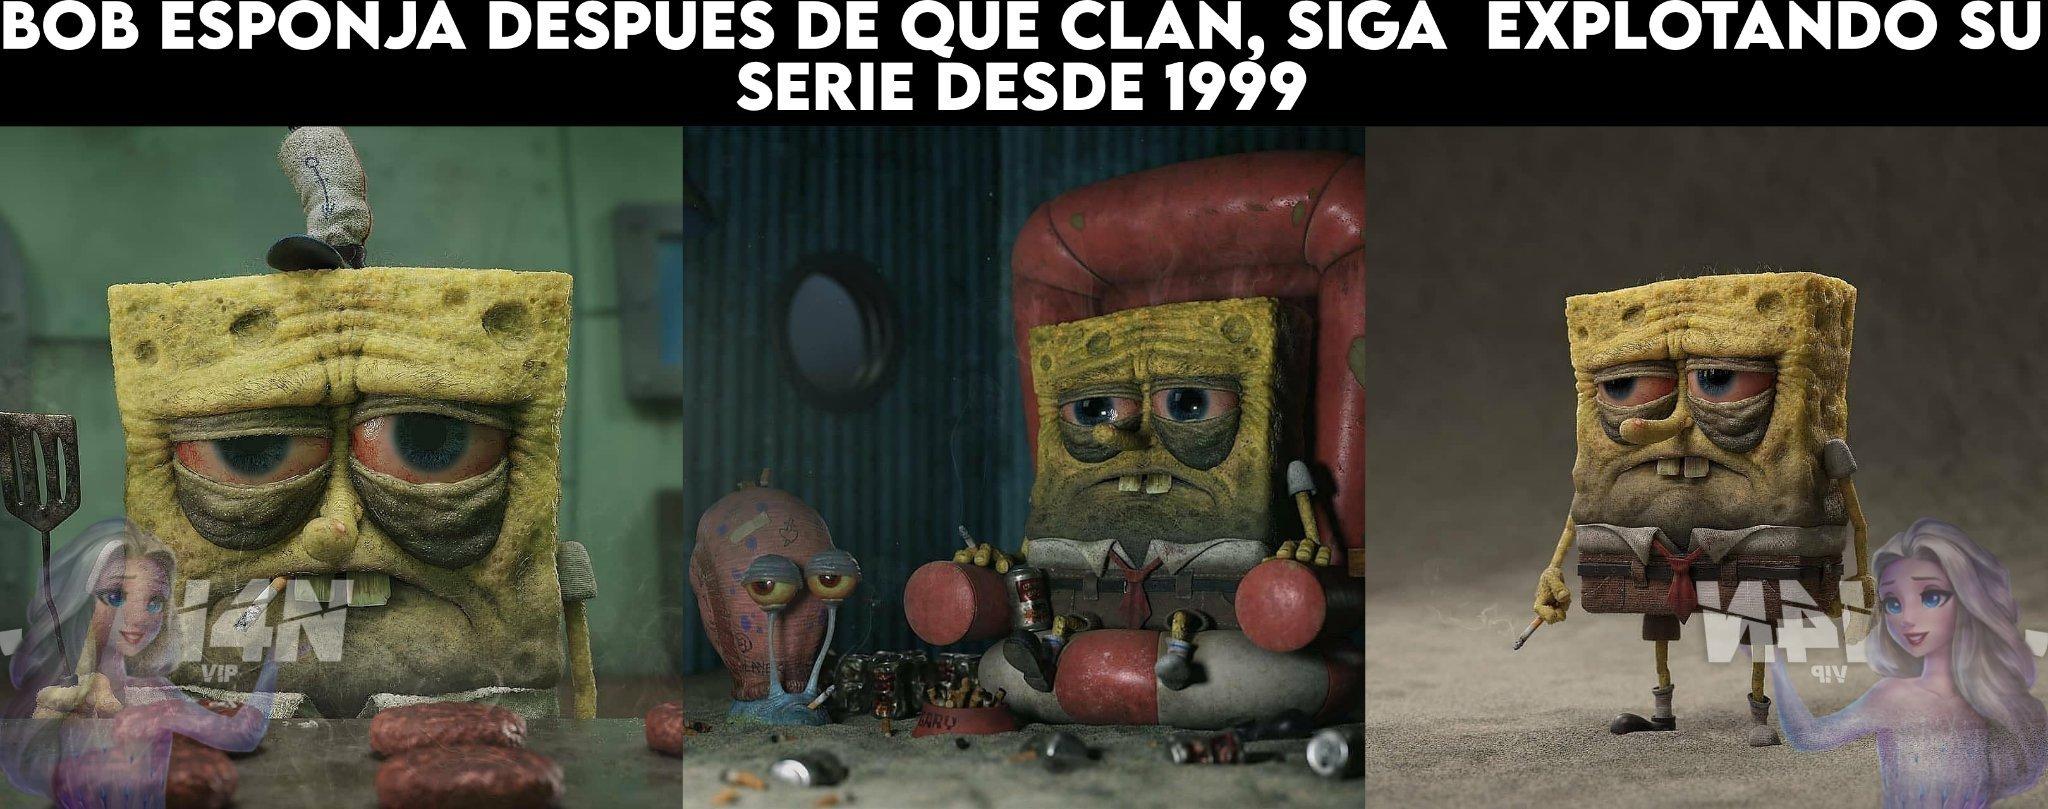 Noo Bob esponja >;( - meme